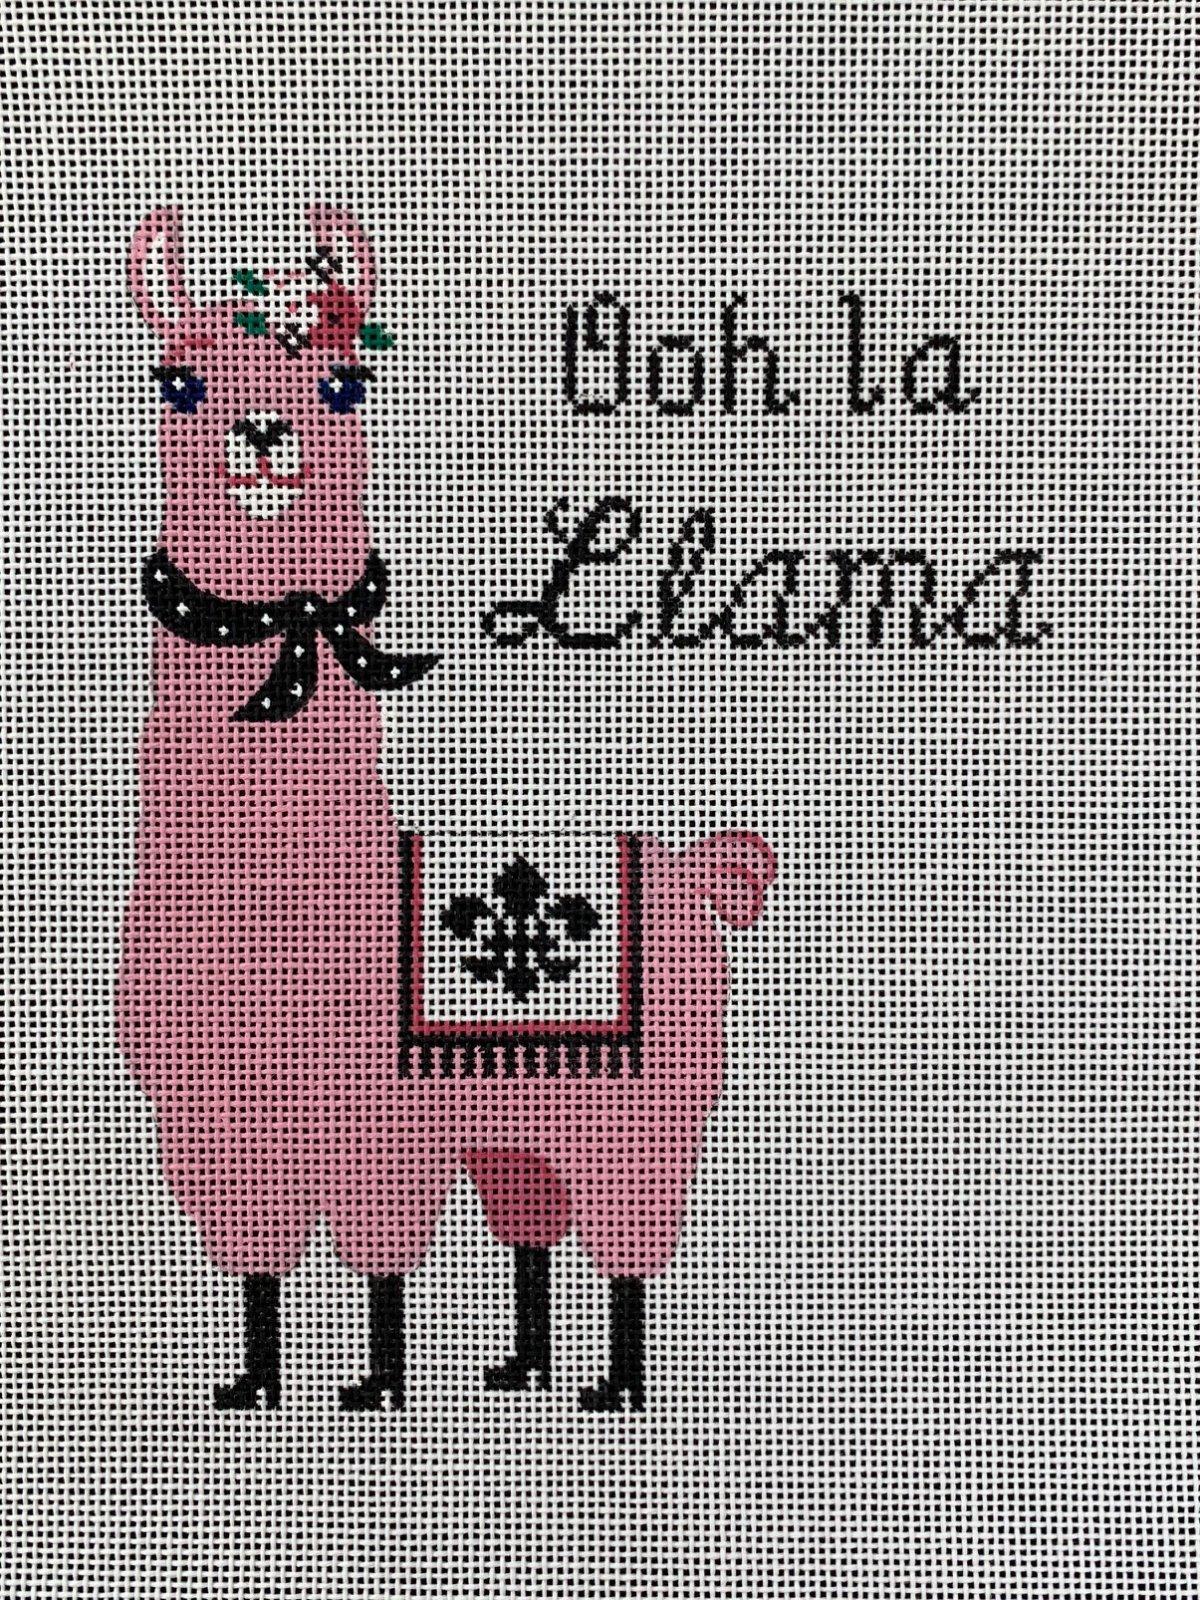 Ooh La Llama